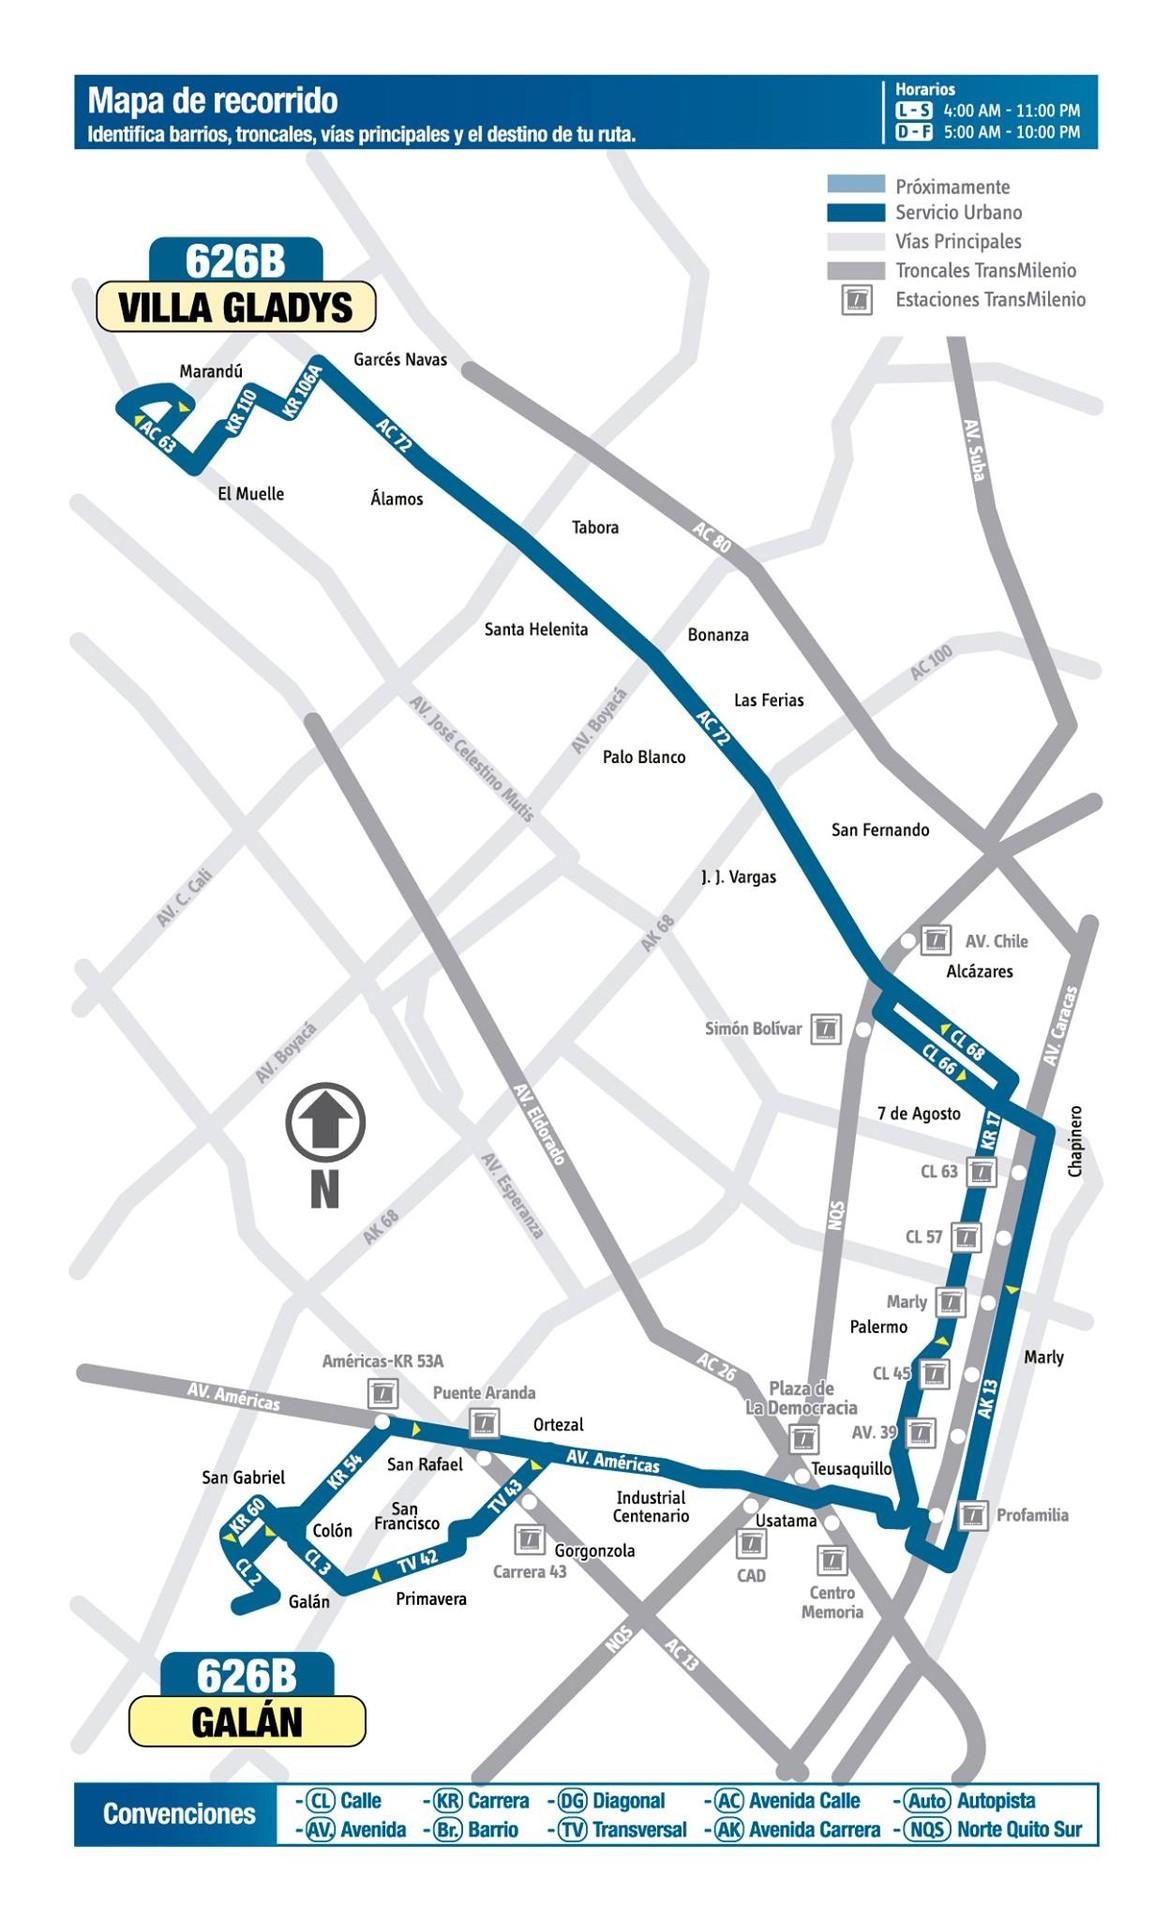 Ruta SITP: 626B Villa Gladys ↔ Galán [Urbana] 2